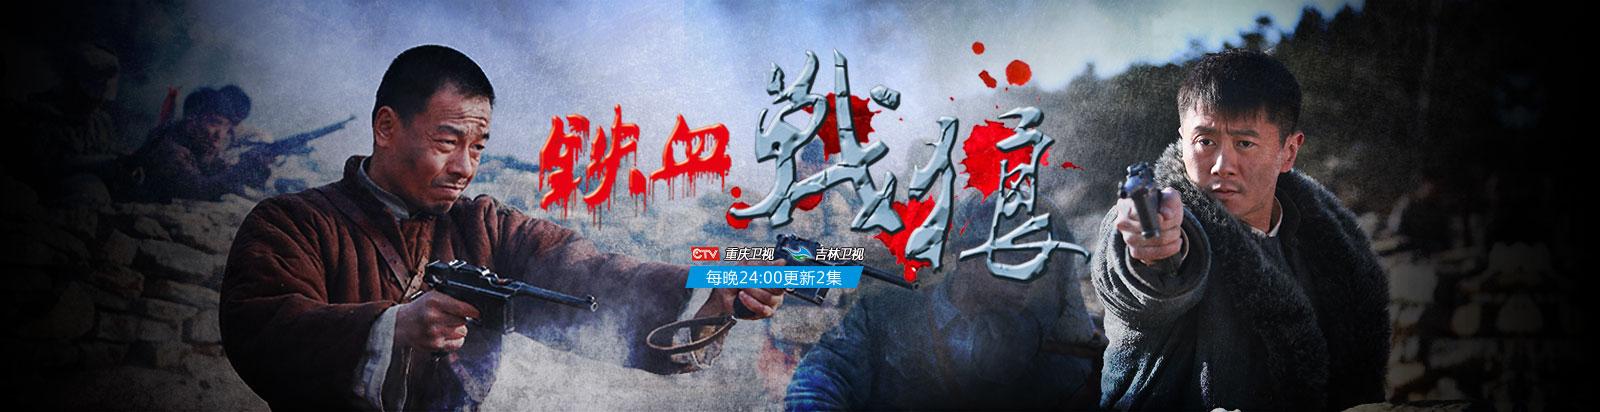 2016广州唱歌比赛电视剧频道- 最新电视剧- 全集在线观看- 高清下载- 风行网唱歌拼输赢2016总决赛